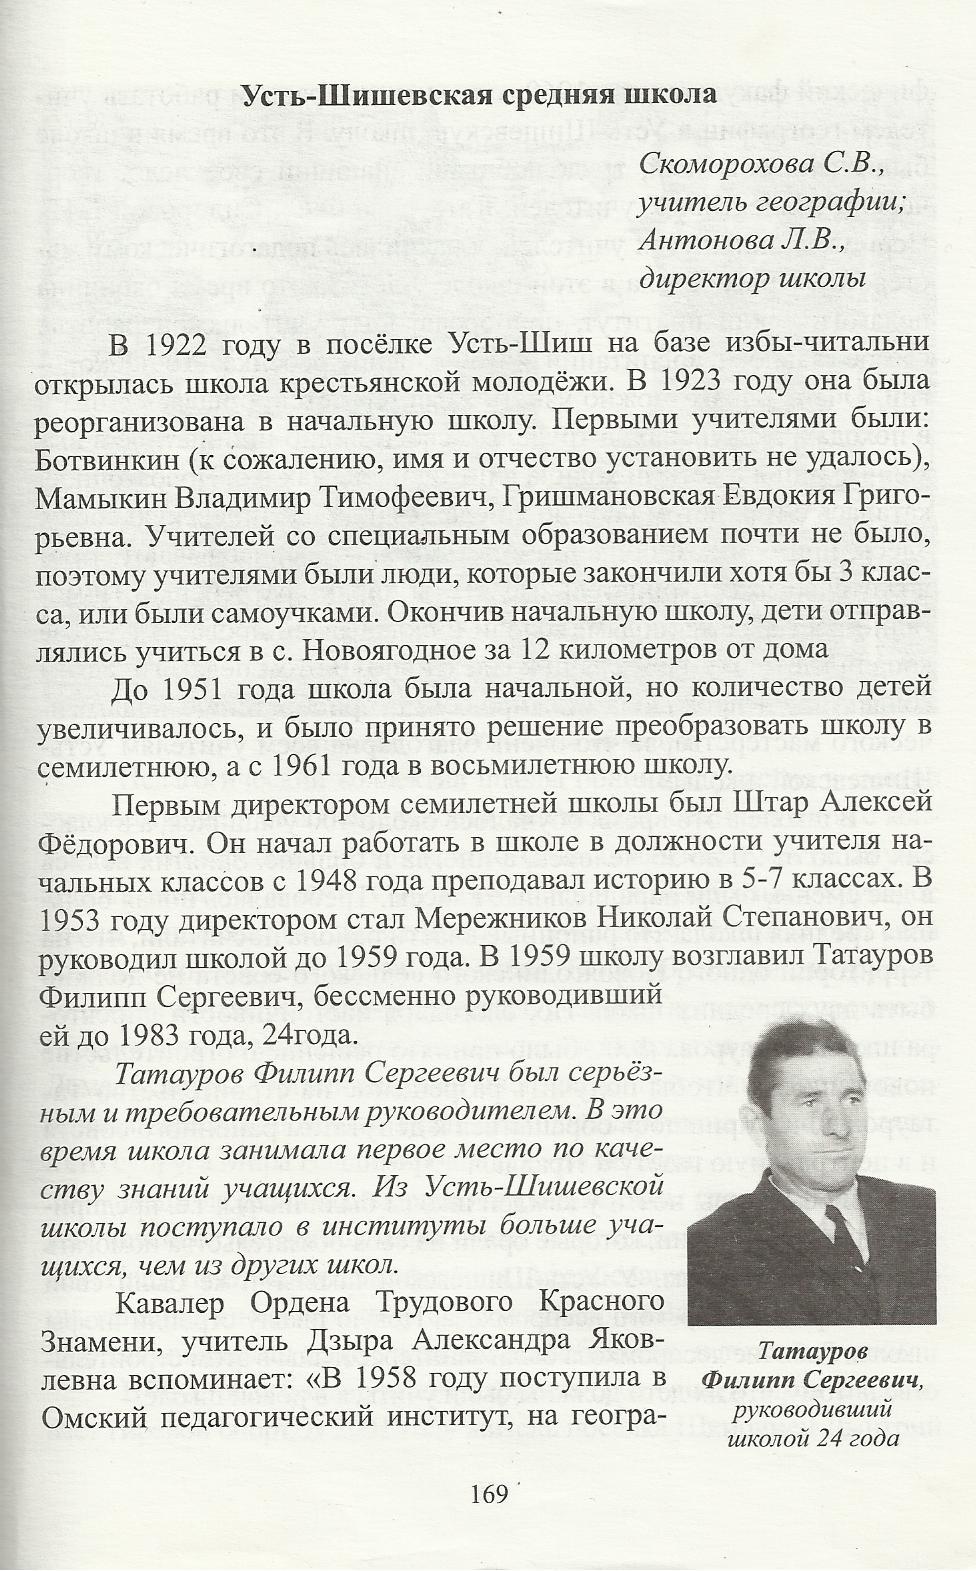 C:\Users\Иван\Pictures\2012-01-14 к\к 002.jpg